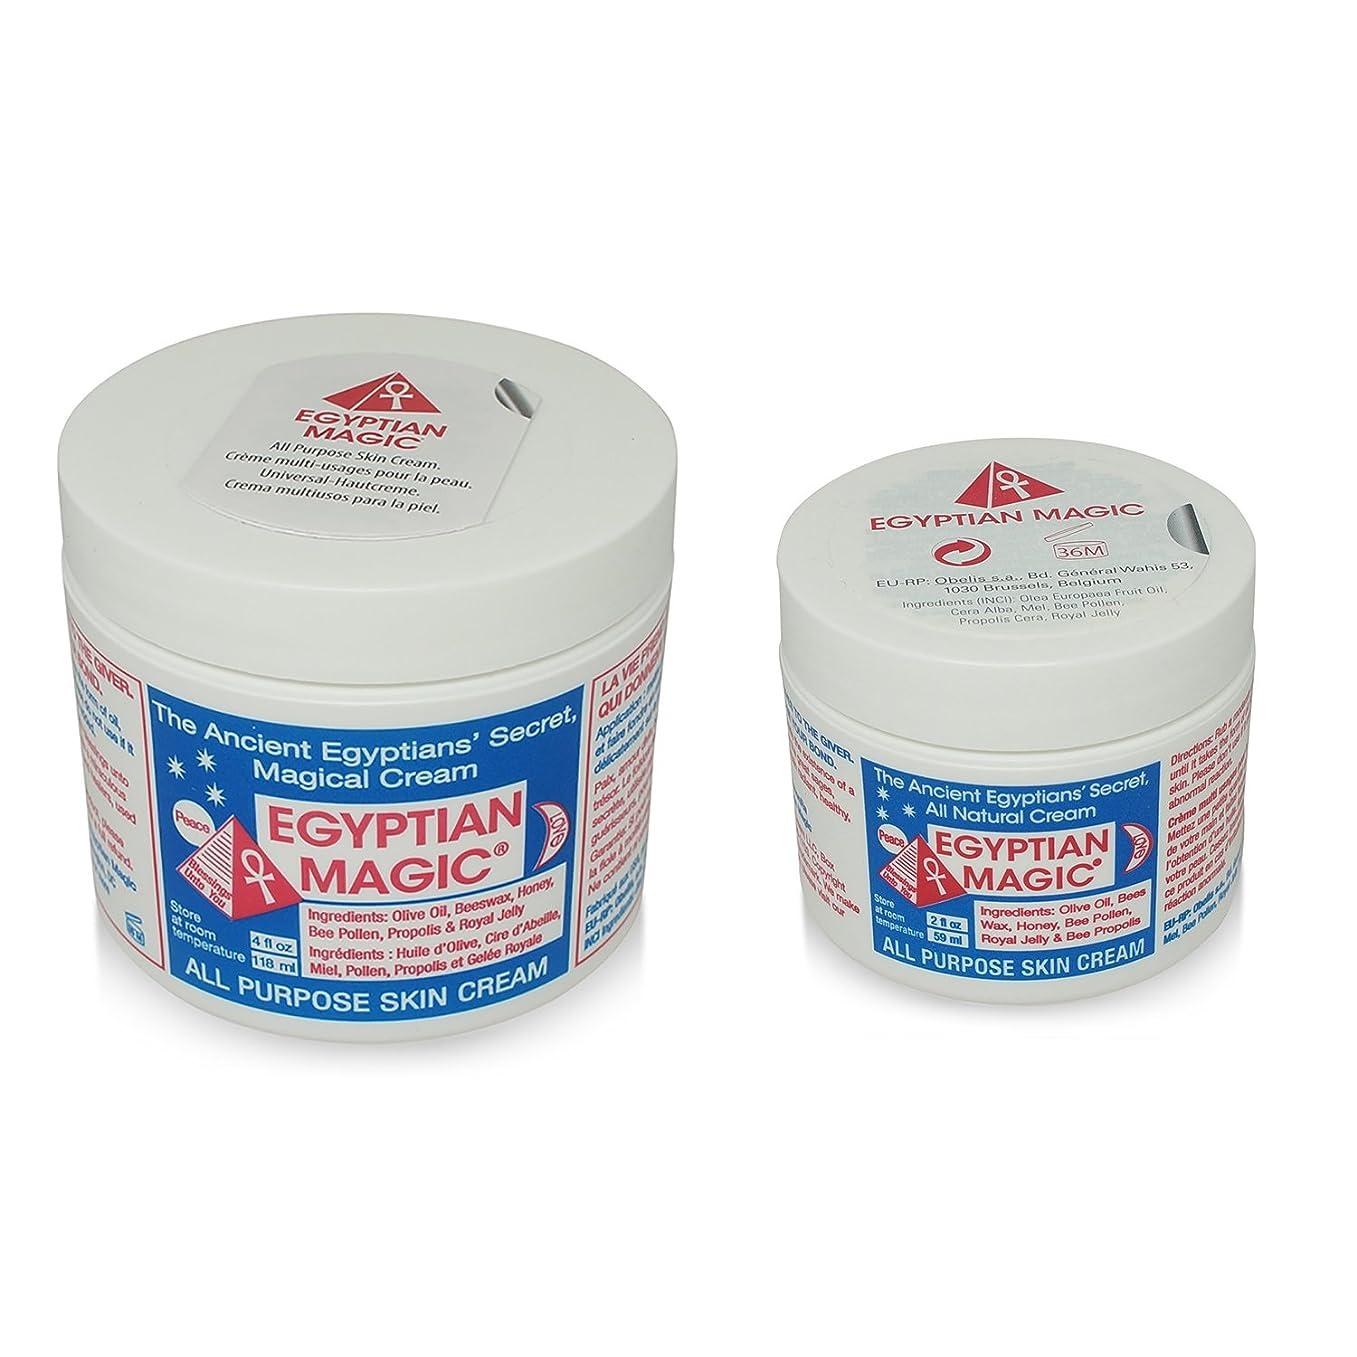 接ぎ木池バーターEgyptian Magic Skin Cream エジプシャンマジッククリーム  (118ml)と(59ml)の2個セット